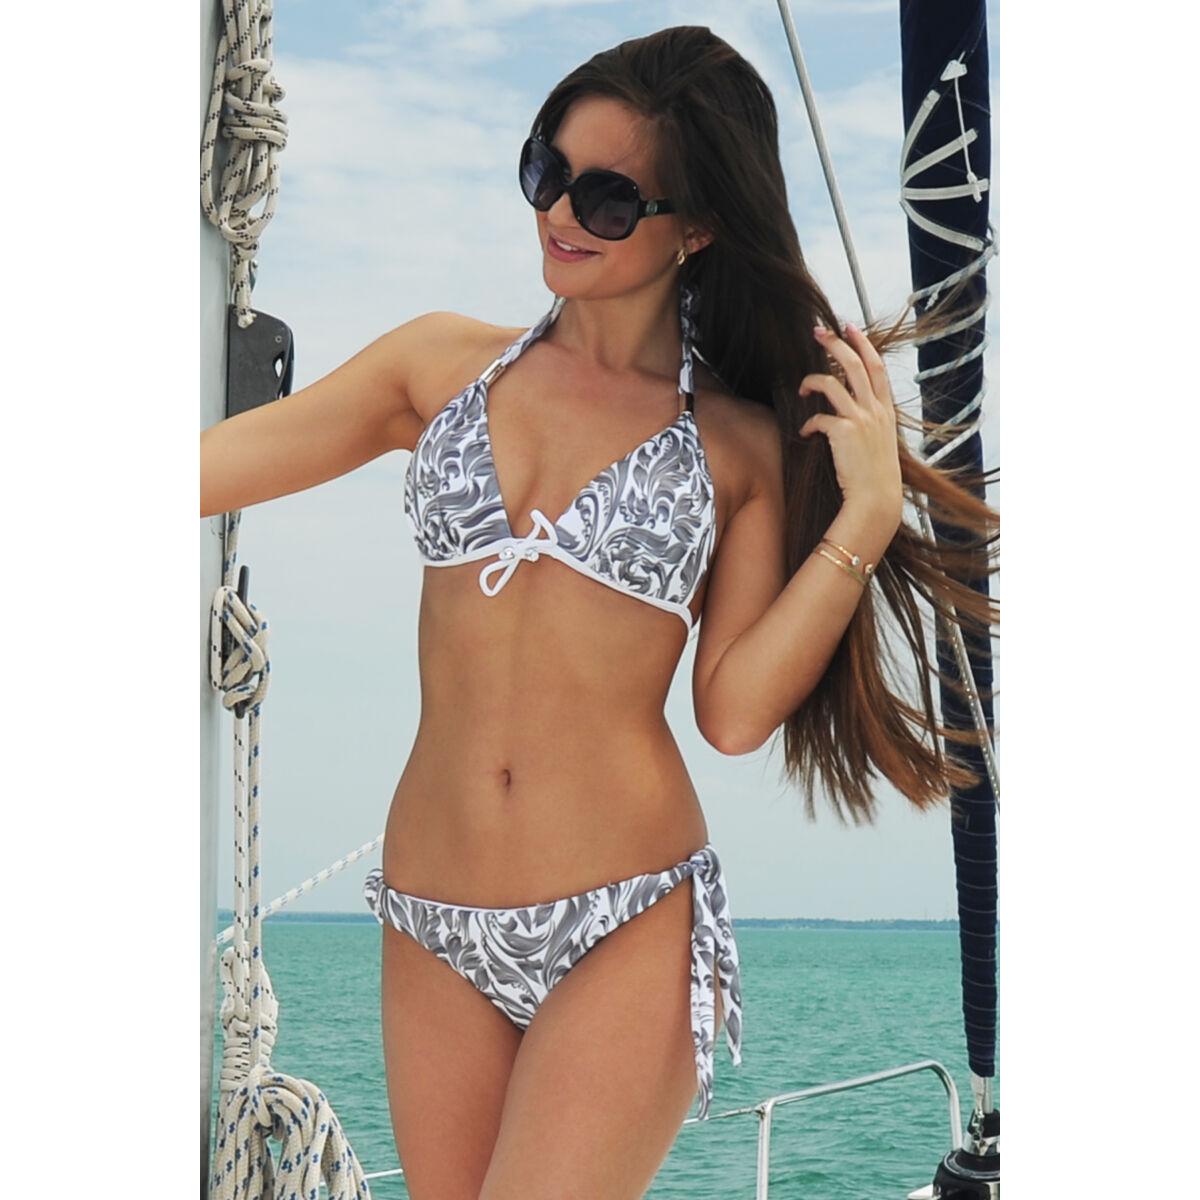 Elegáns mintás push-up háromszög bikini, nyakban megkötős melltartóval és oldalt megkötős bugyival.